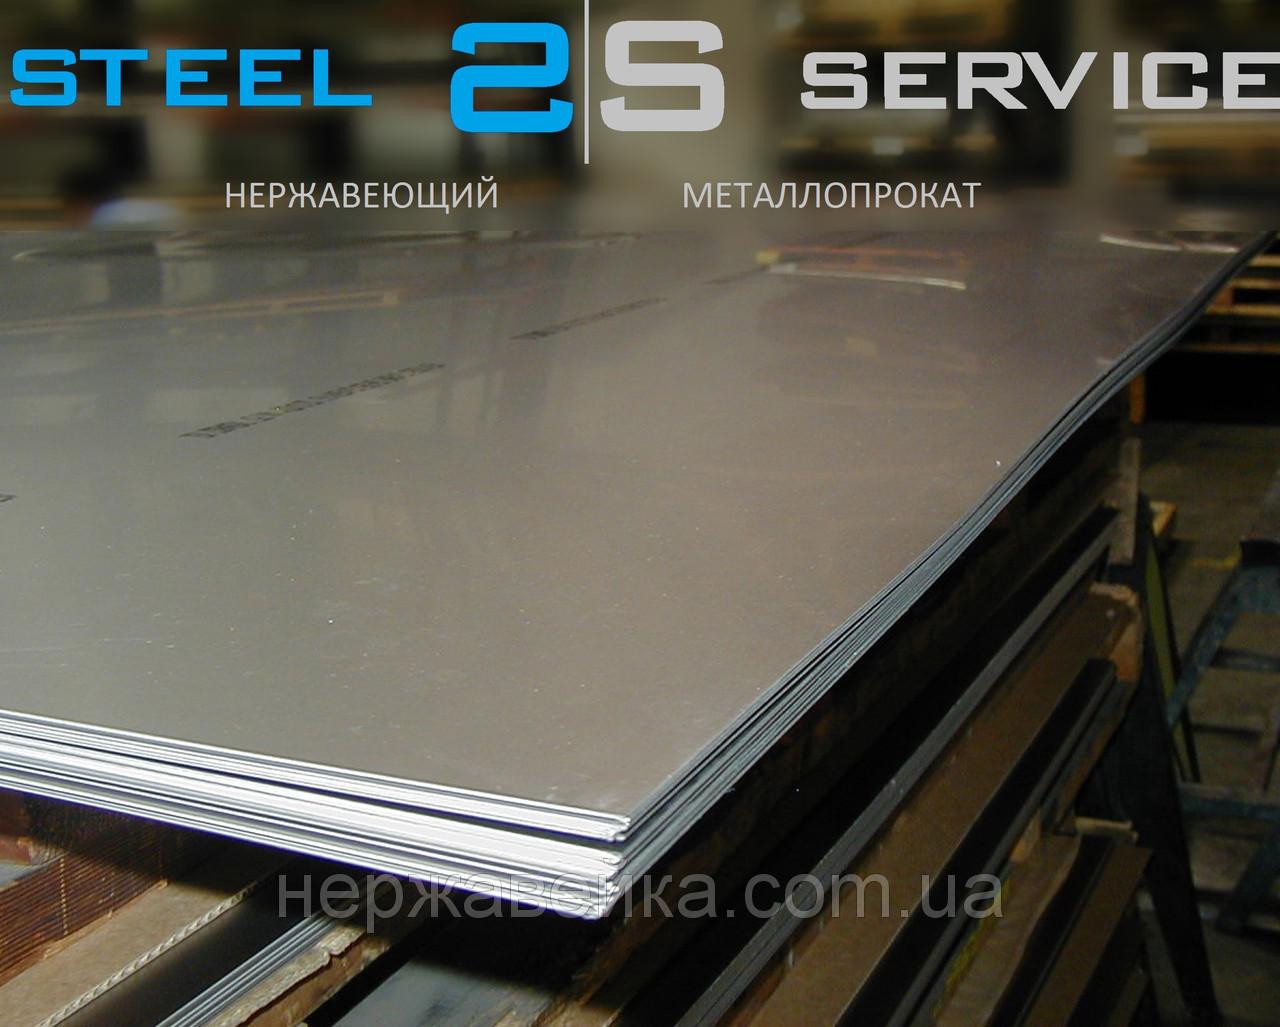 Листовая нержавейка 0,8х1250х2500мм  AISI 316L(03Х17Н14М3) 4N - шлифованный,  кислотостойкий